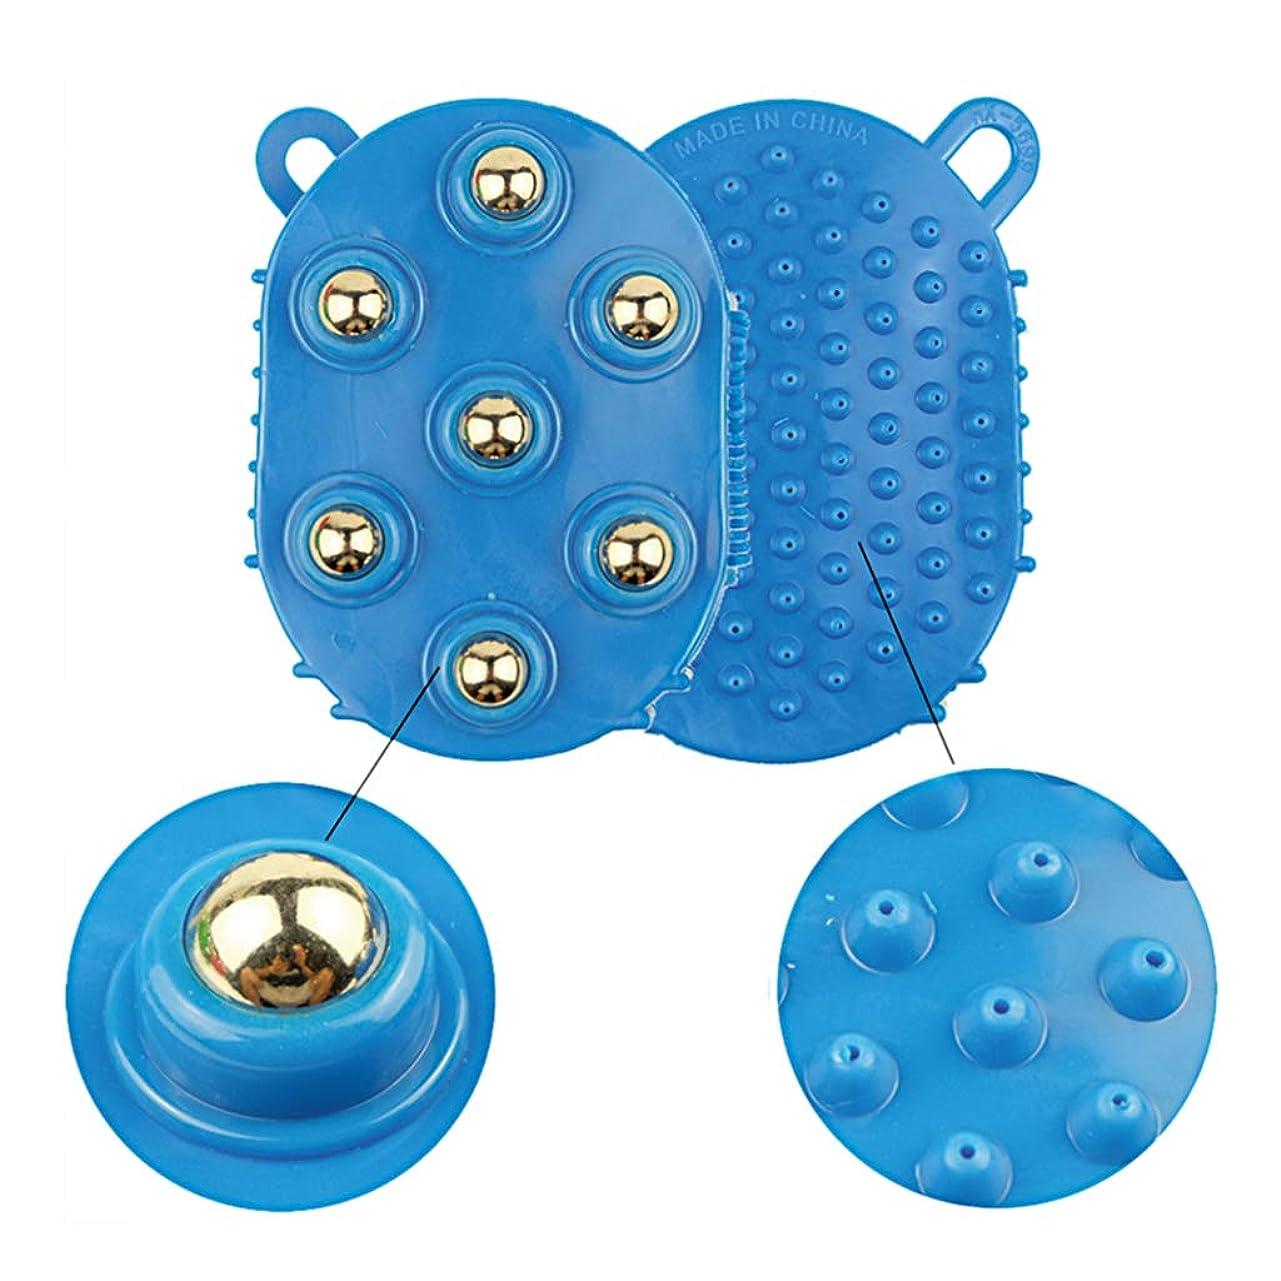 ヒゲフライト第五360度スピン7ピーススチールボールローラー痩身ボディマッサージブラシバスで洗うディープティッシュマッサージボールスパイク付き(1パック),Blue